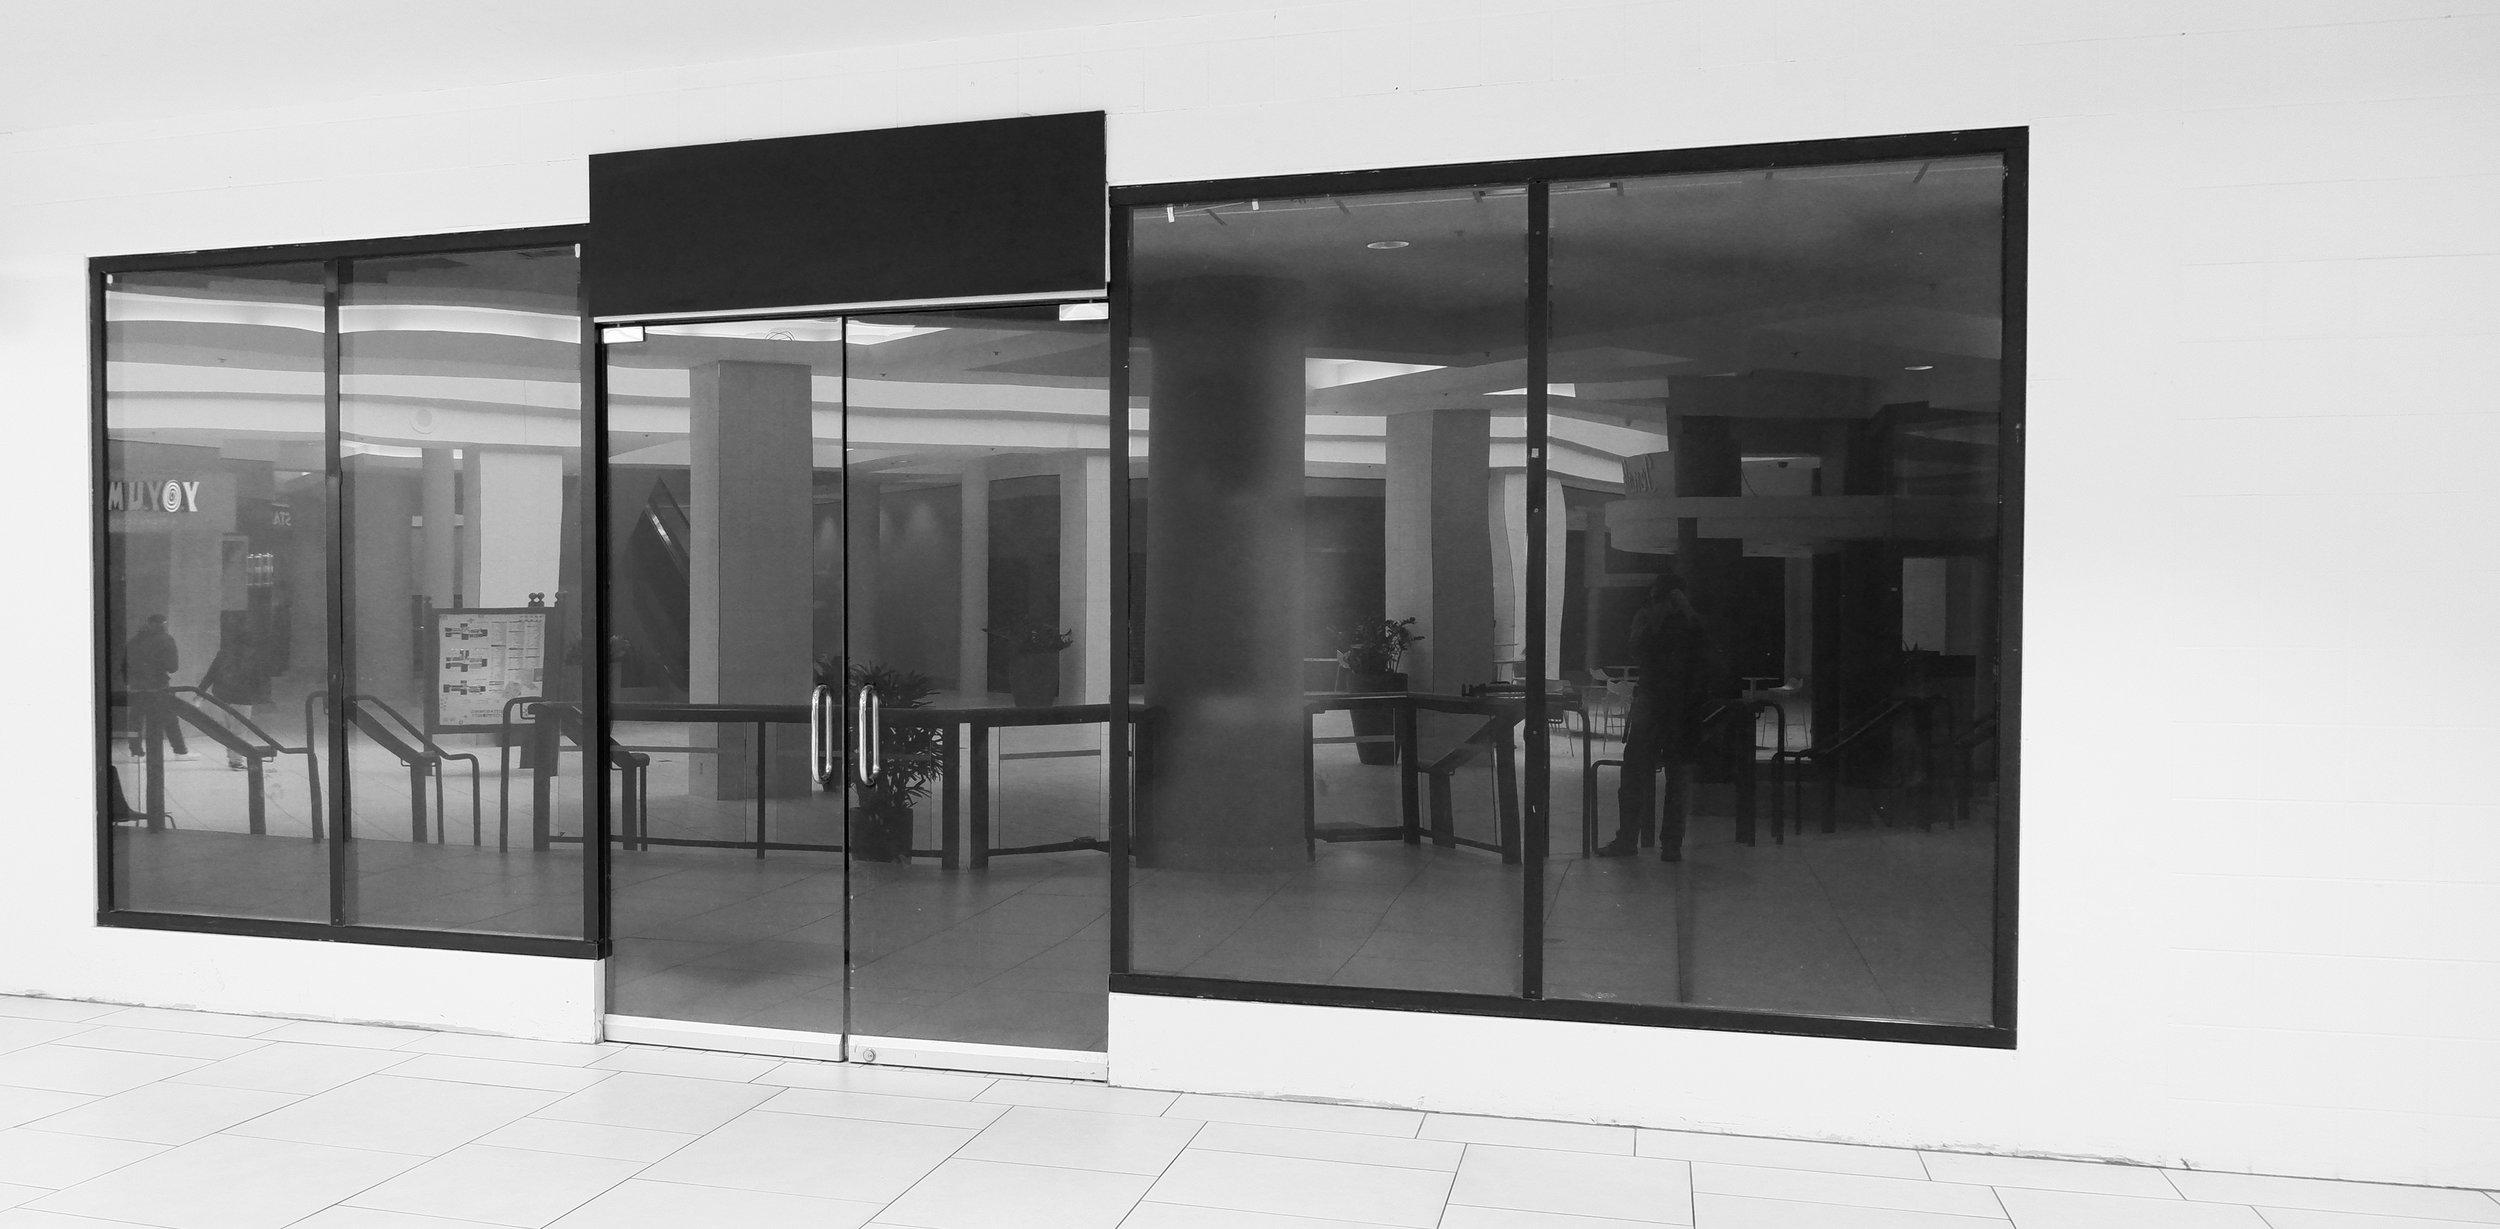 Vacant retail - Nathaniel Barber Blog